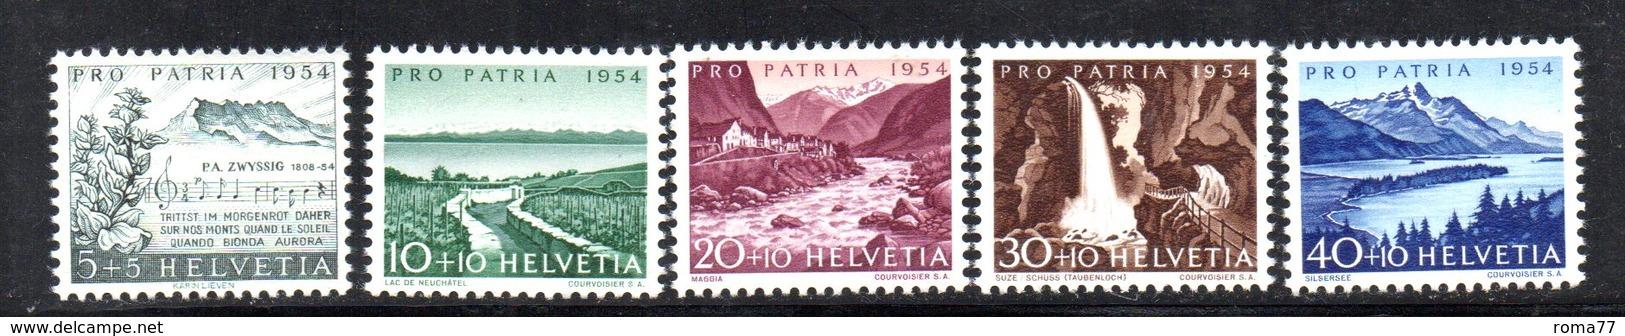 304/1500 - SVIZZERA 1954 , Unificato N. 548/552  ***  MNH  Pro Patria - Pro Patria